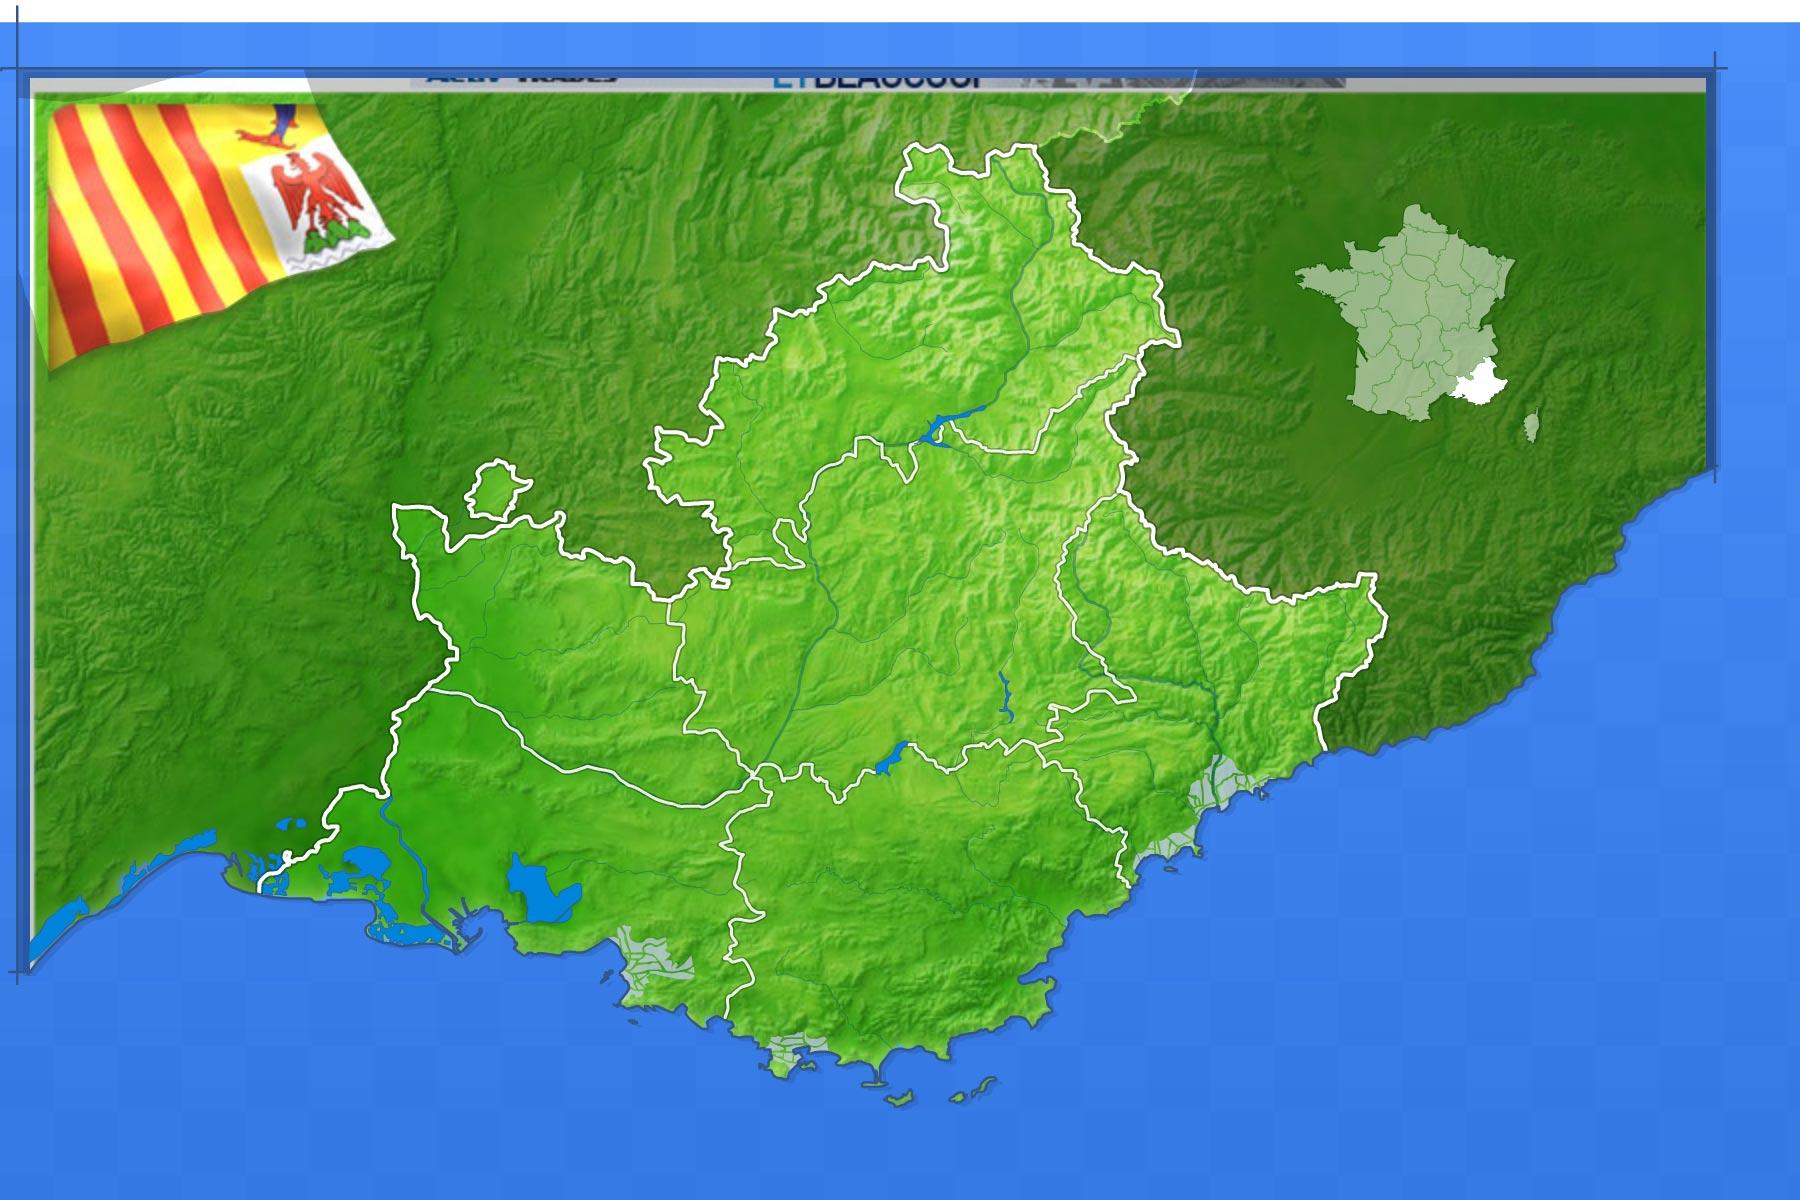 Jeux-Geographiques Jeux Gratuits Villes De Provence intérieur Jeux De Geographie